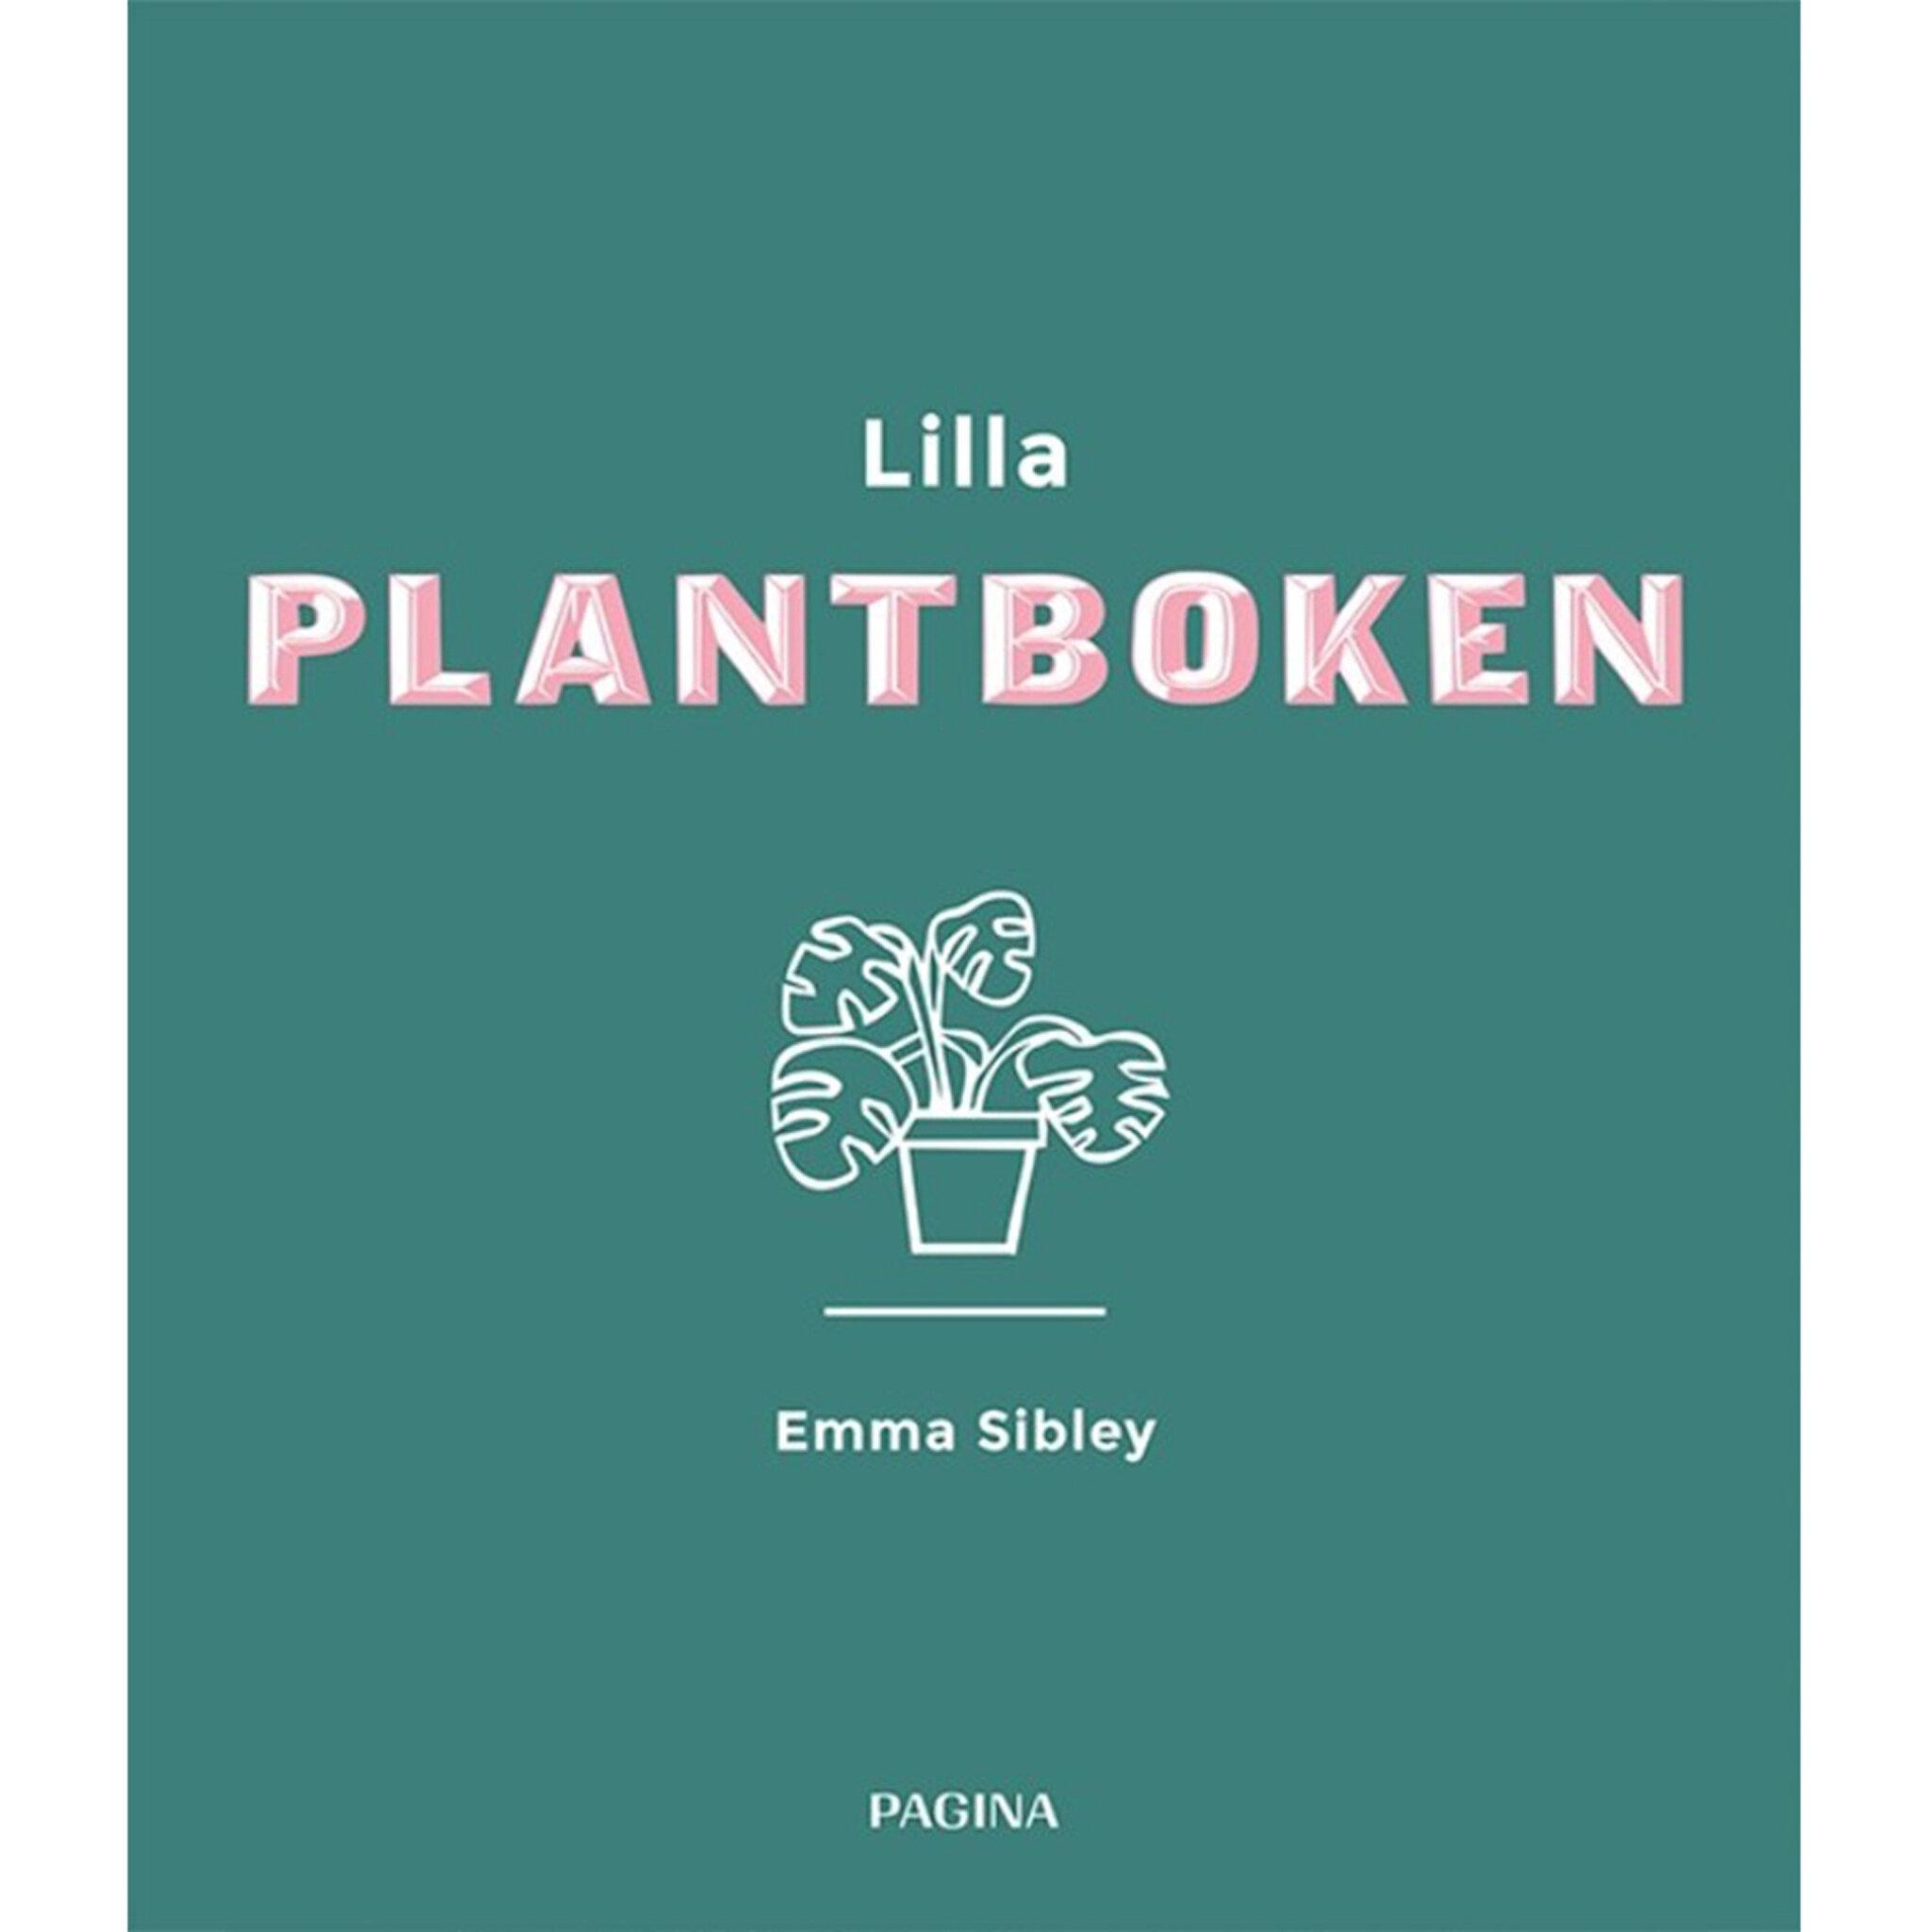 Lilla Plantboken, ONESIZE